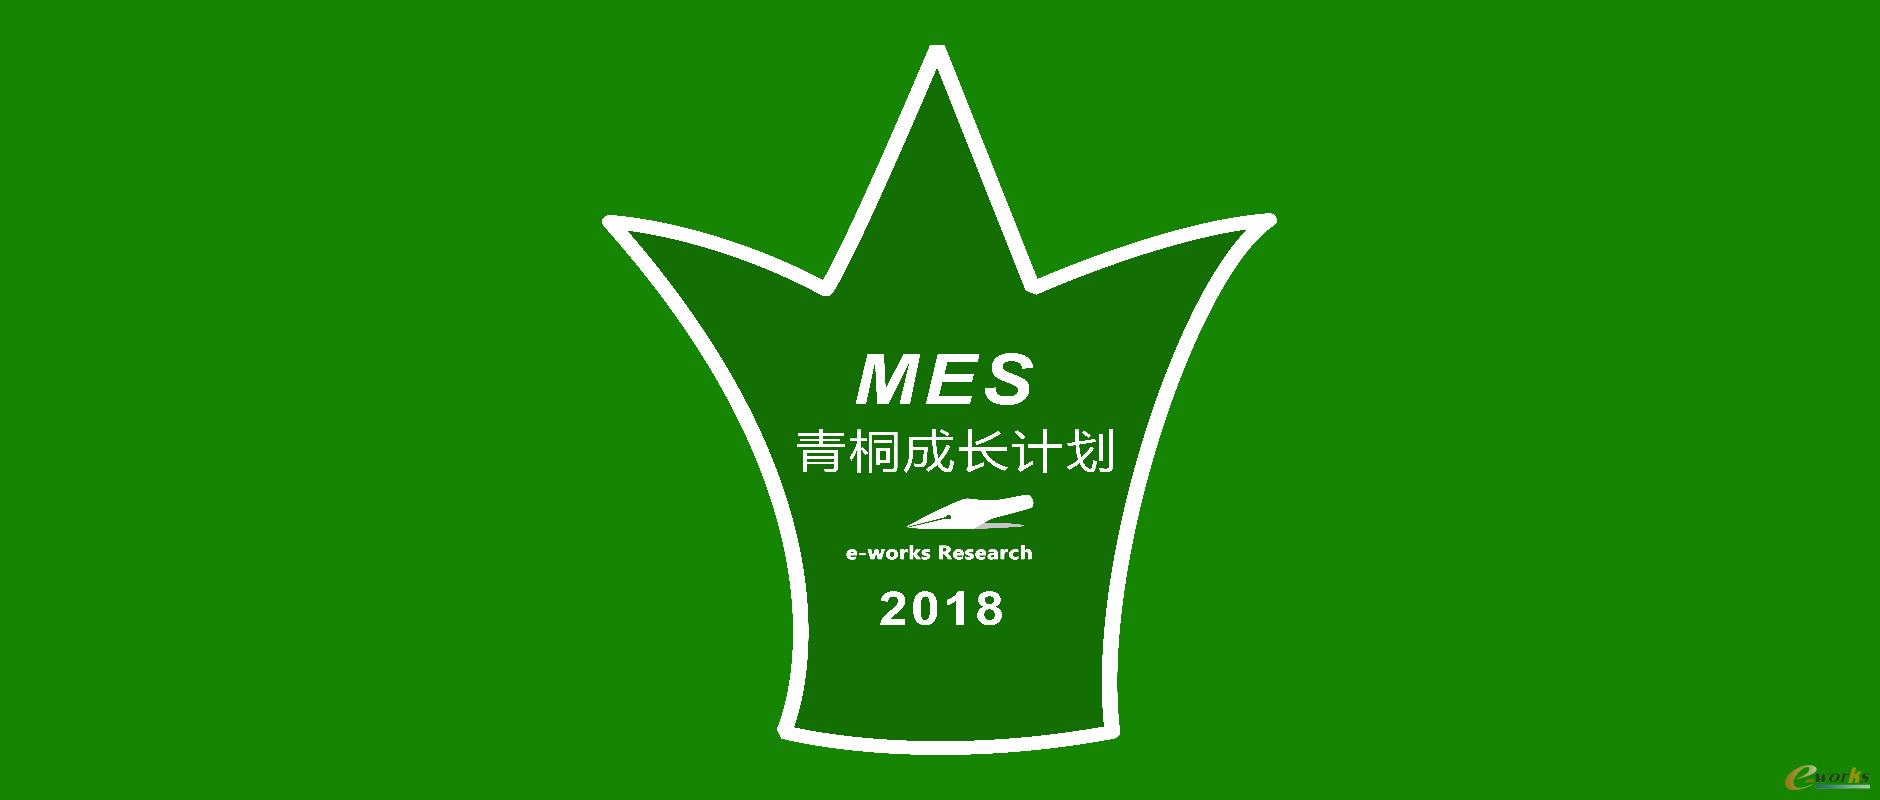 """领跑中国MES行业第一咨询机构,e-works发布""""MES青桐计划"""""""